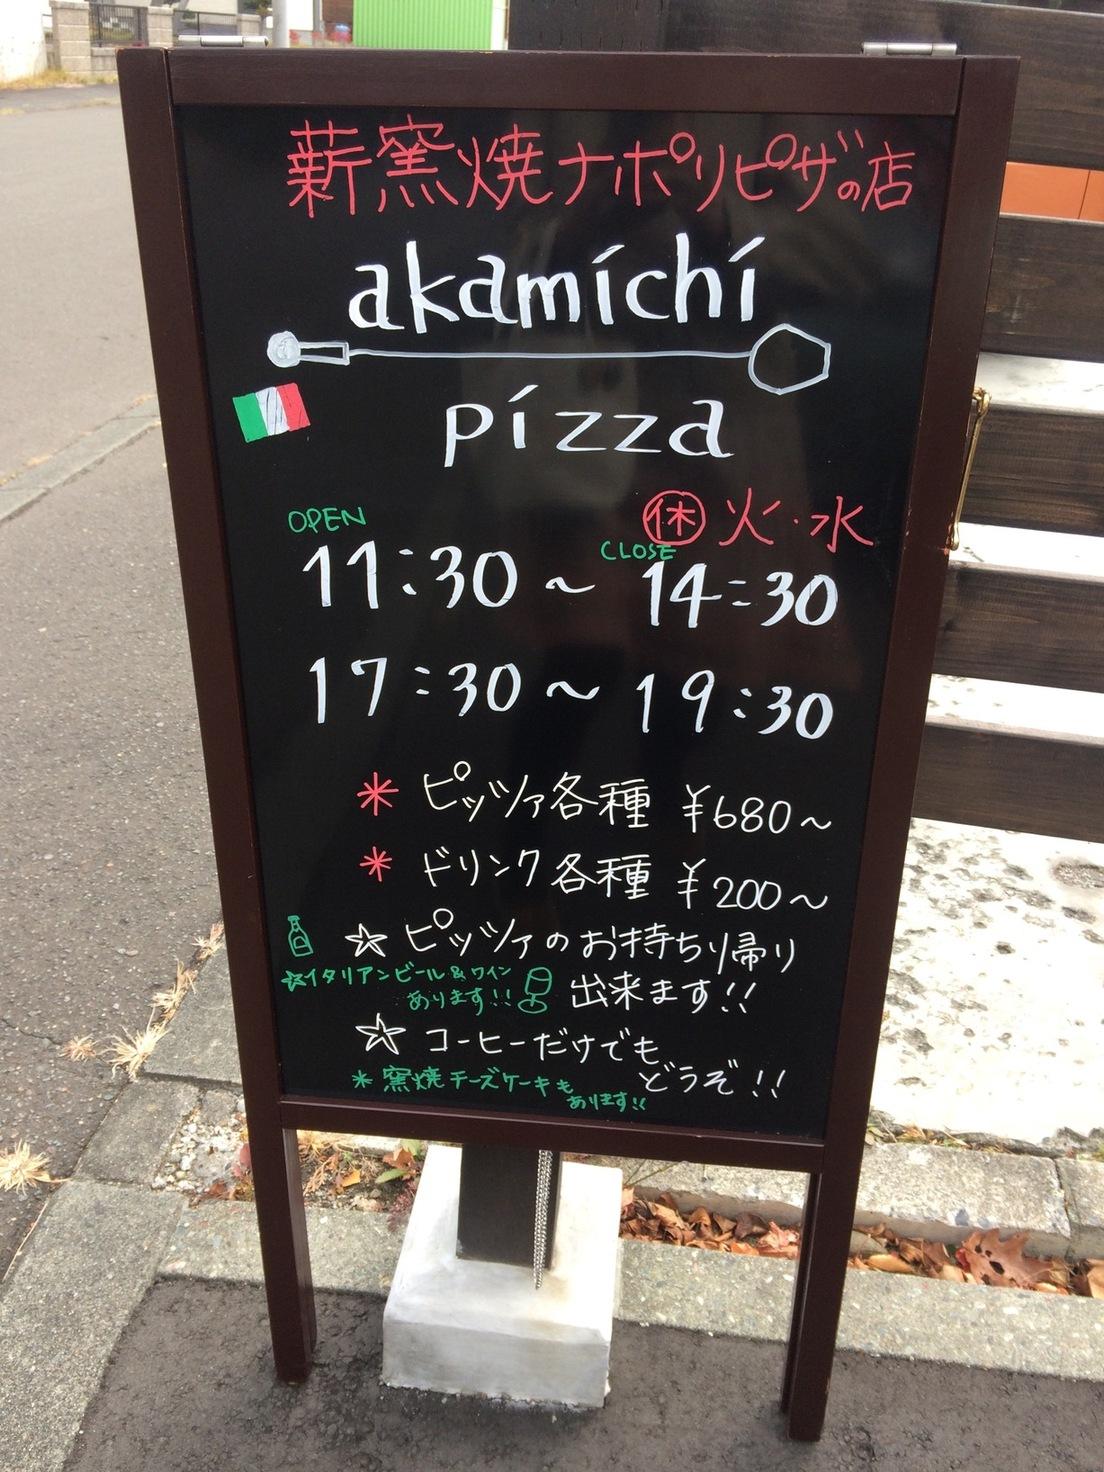 akamichi pizza